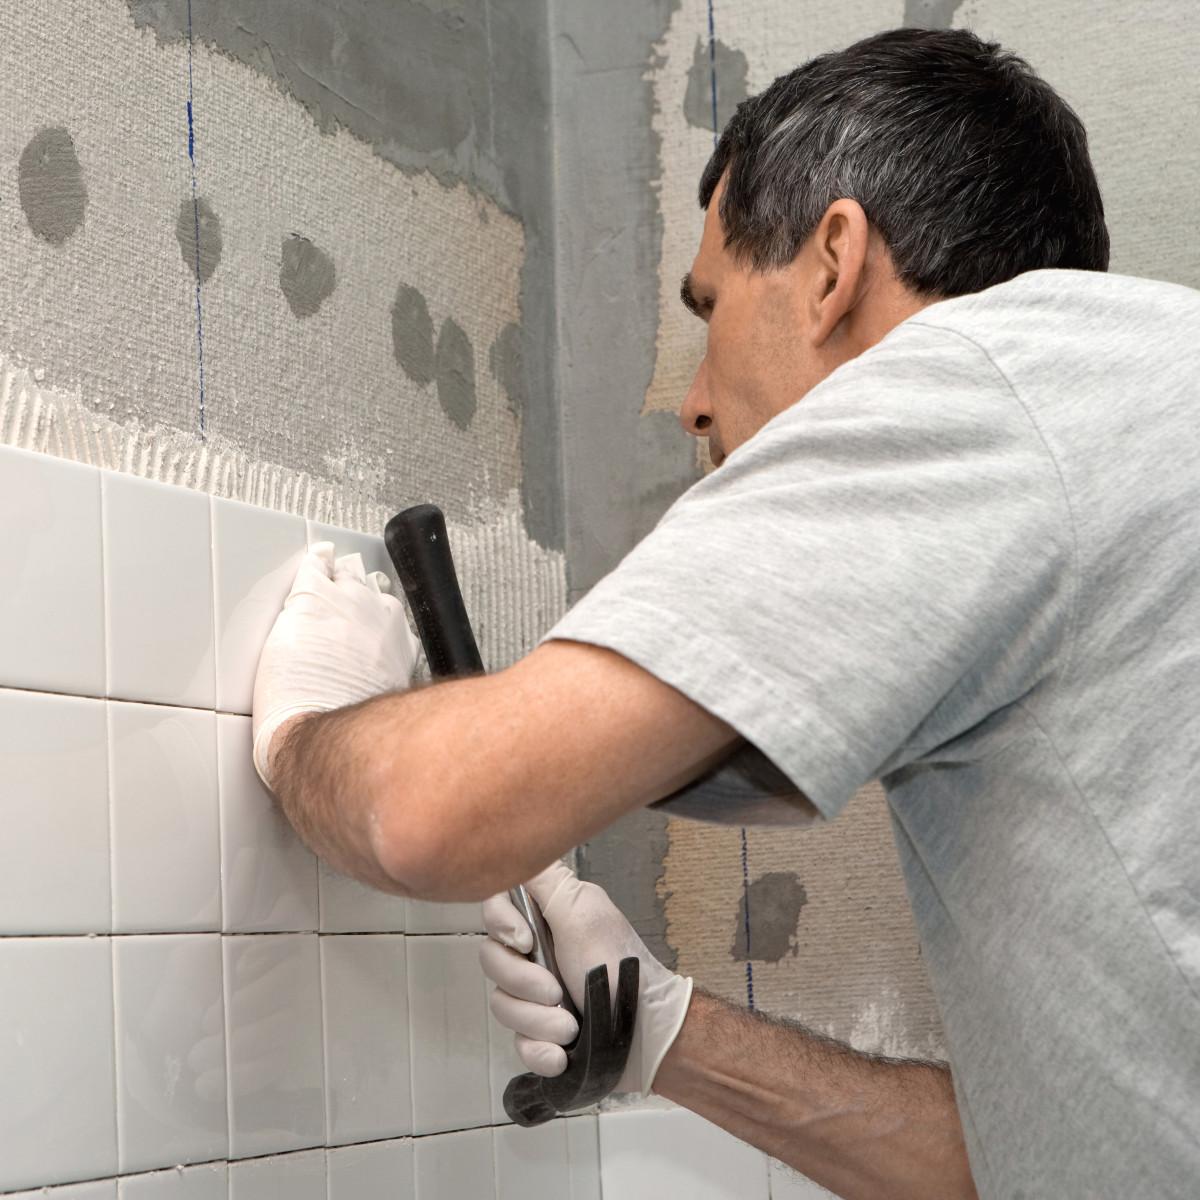 Skills At Work - Man Tiling Shower